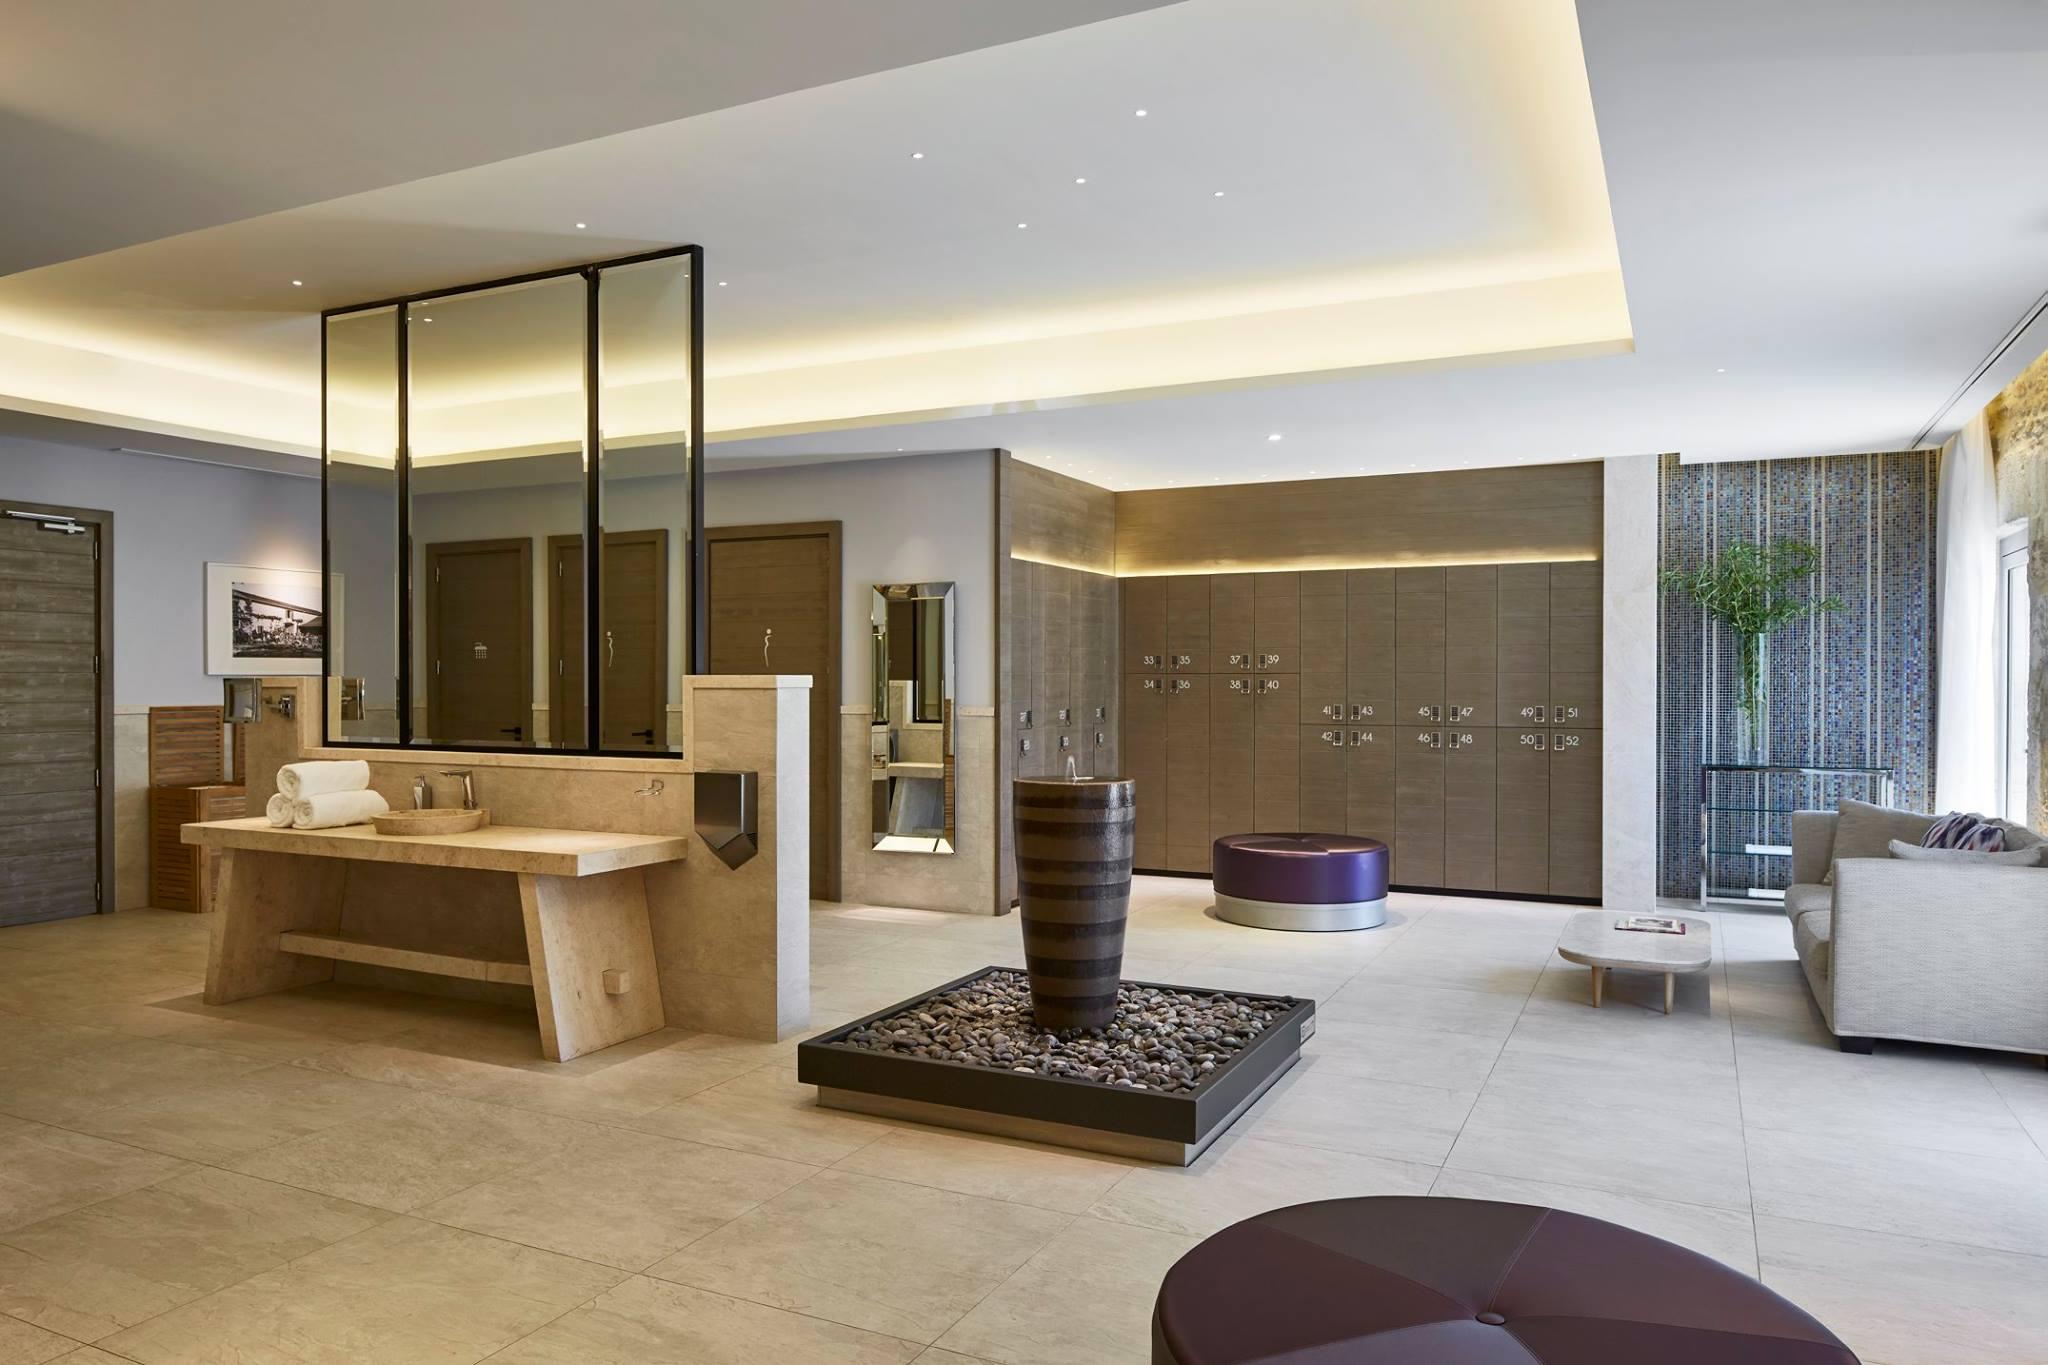 Gina Baksa Reviews the Luxurious La Domaine de Verchant Hotel & Spa 7